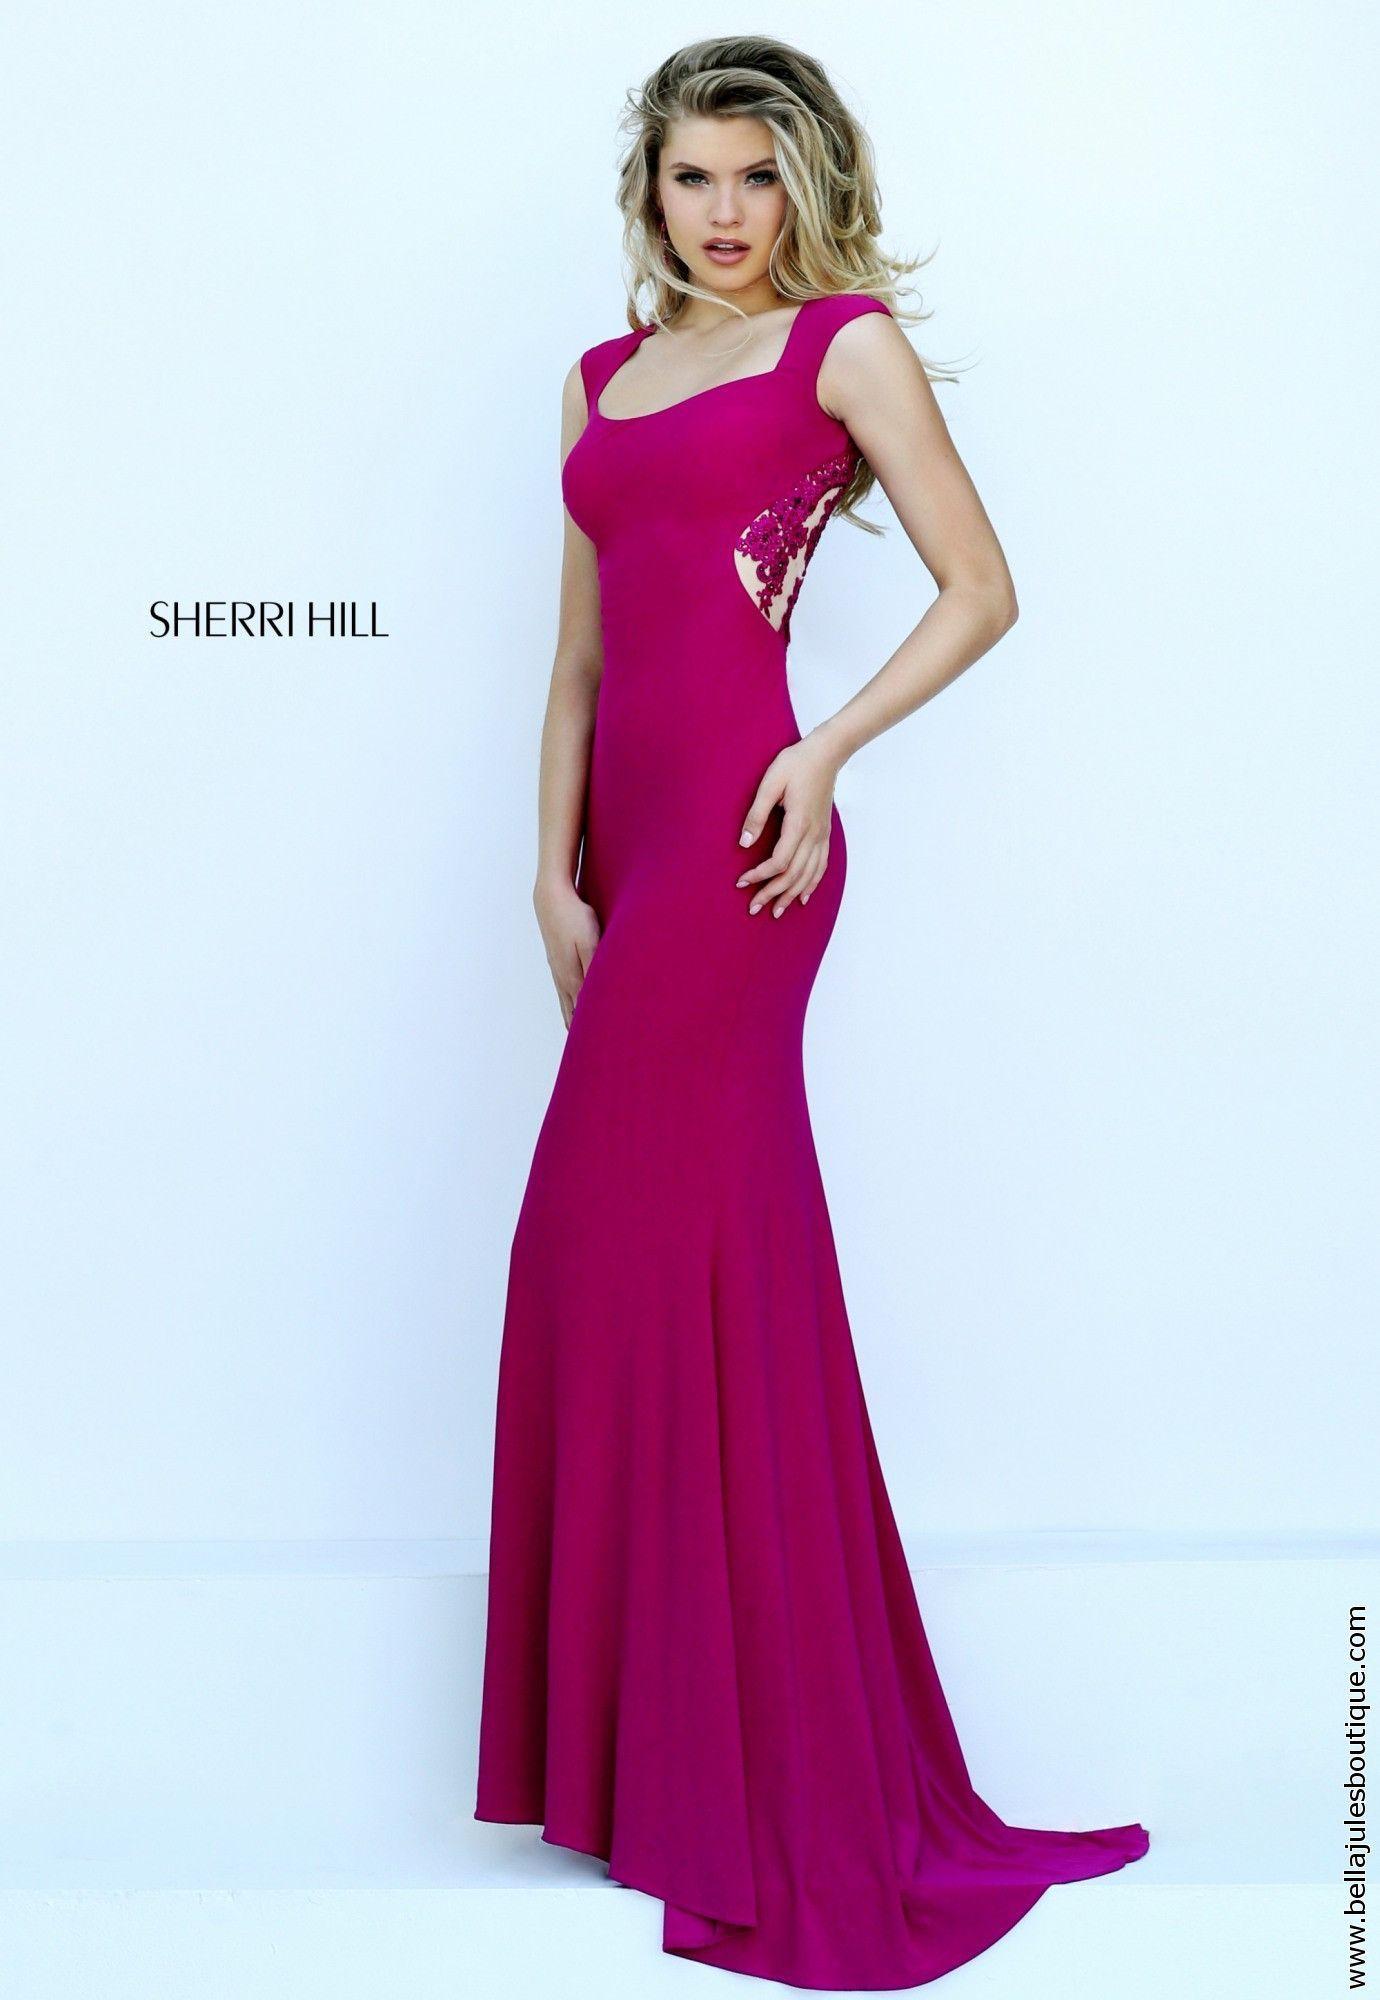 Hermosa Traje Rojo Para El Prom Imagen - Colección del Vestido de la ...